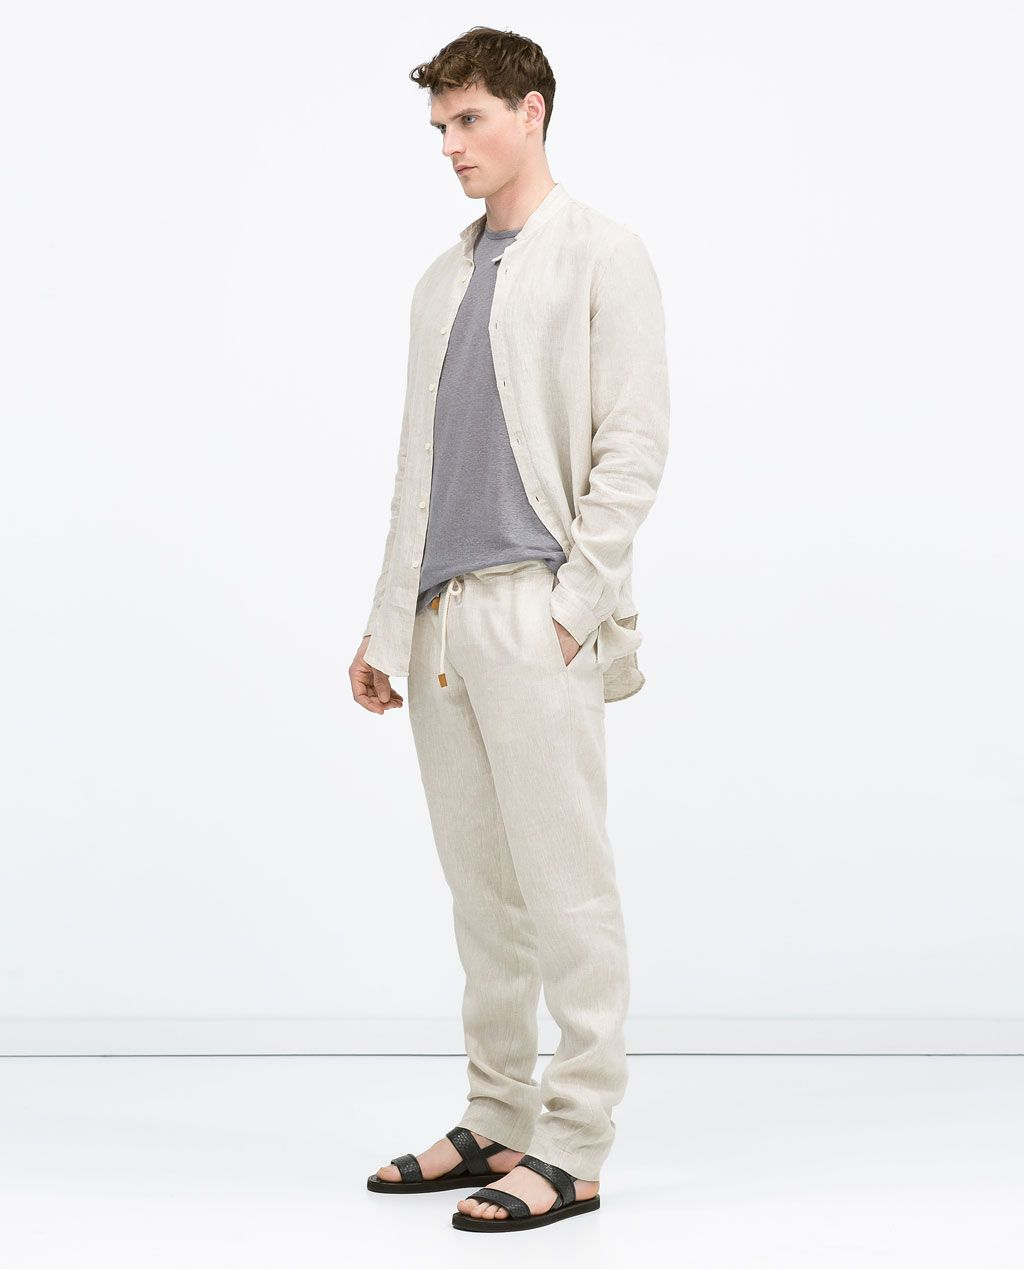 Pantalón HOMBRE lino cordón fashion 2018 ZARA Mens en 4PqwfRRg